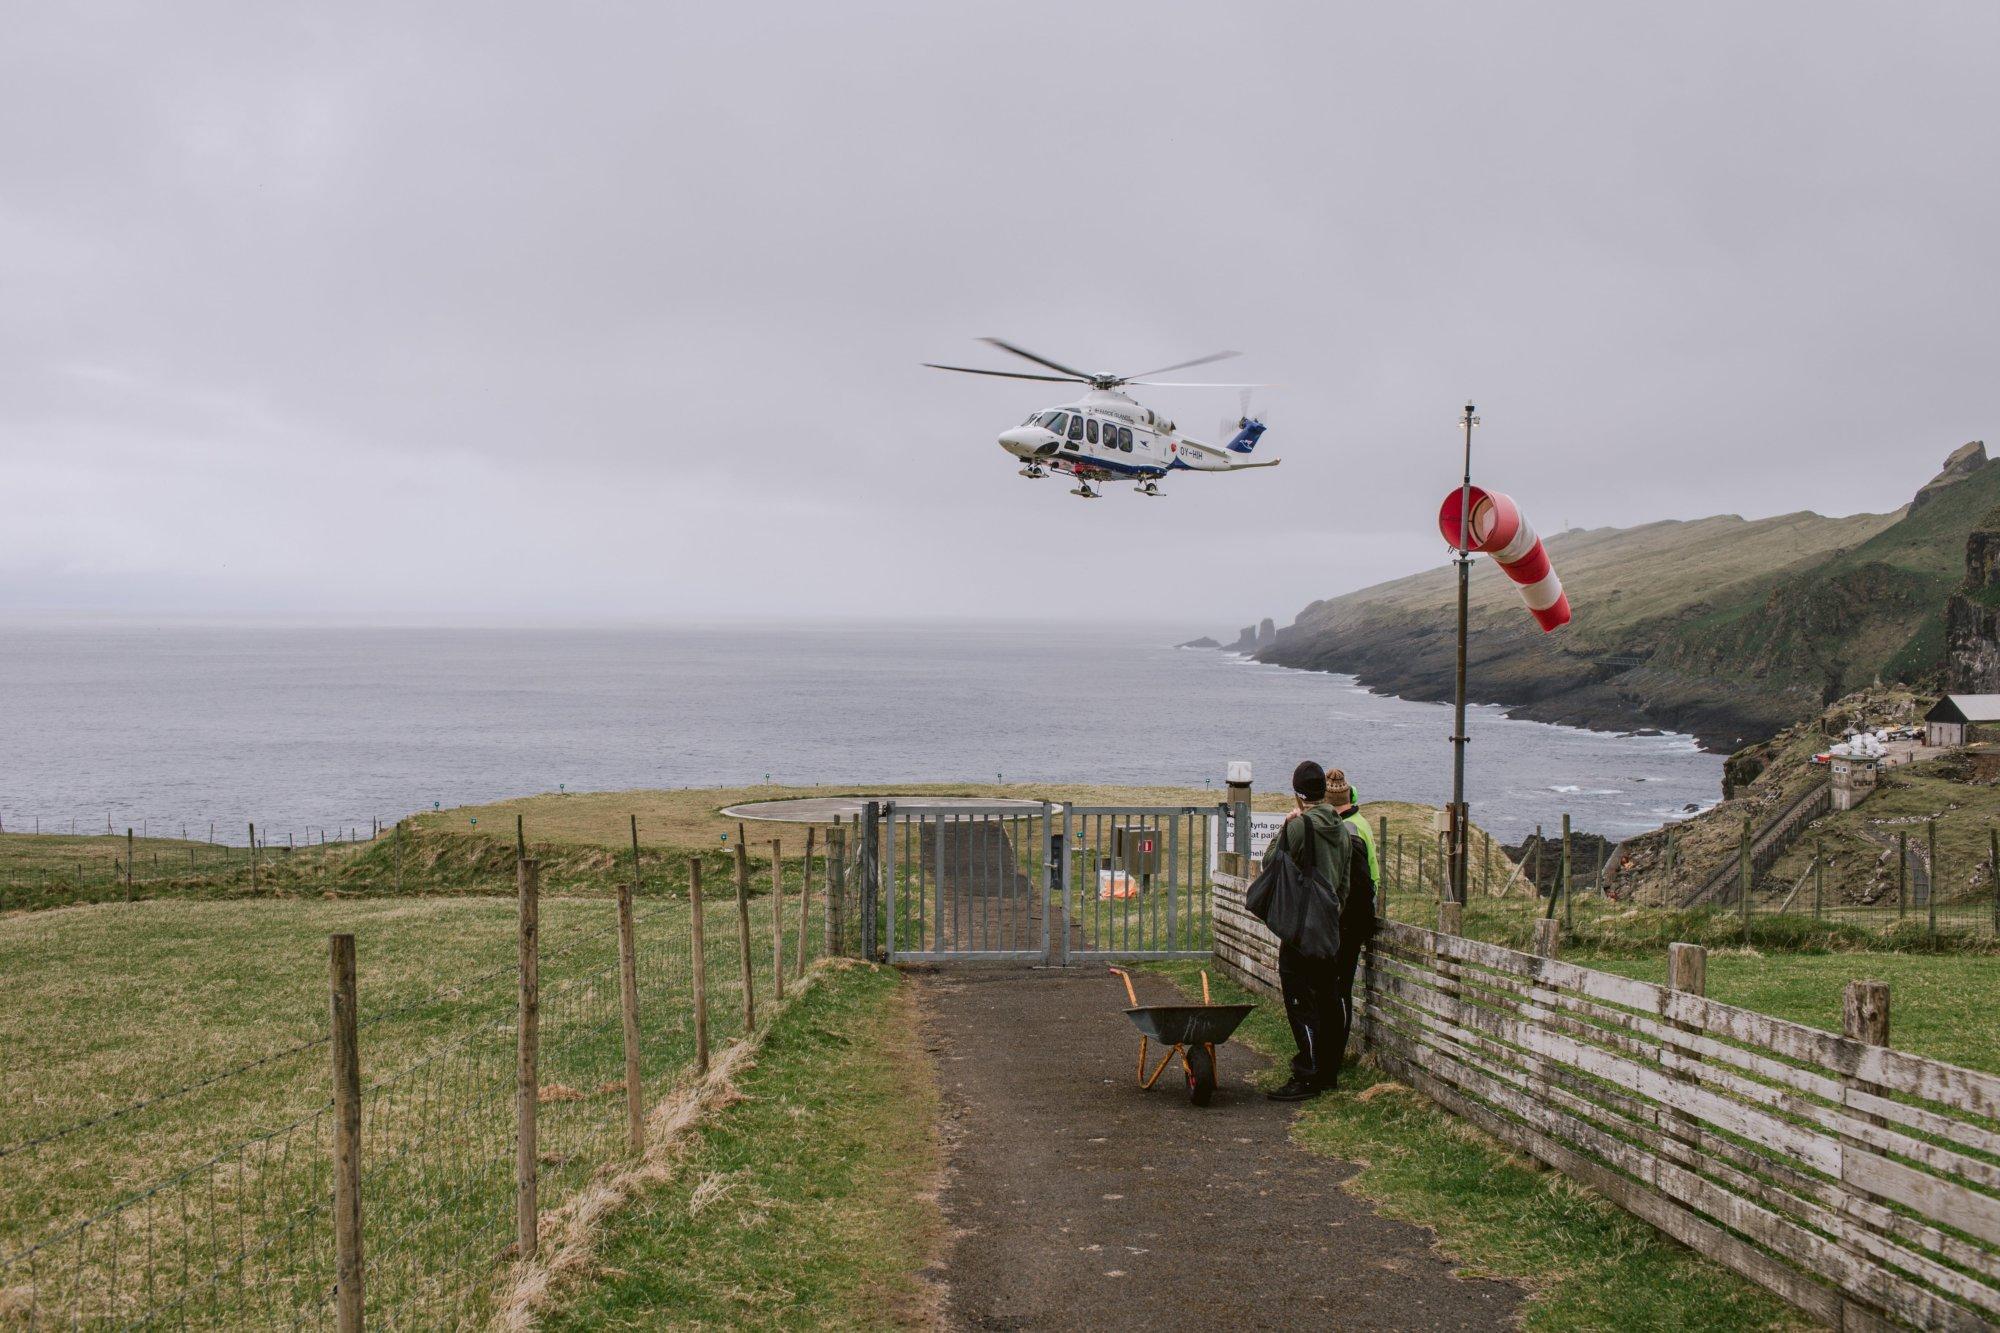 Podejście do lądowania helikoptera Atlantic Airways na Mykines, Wyspy Owcze